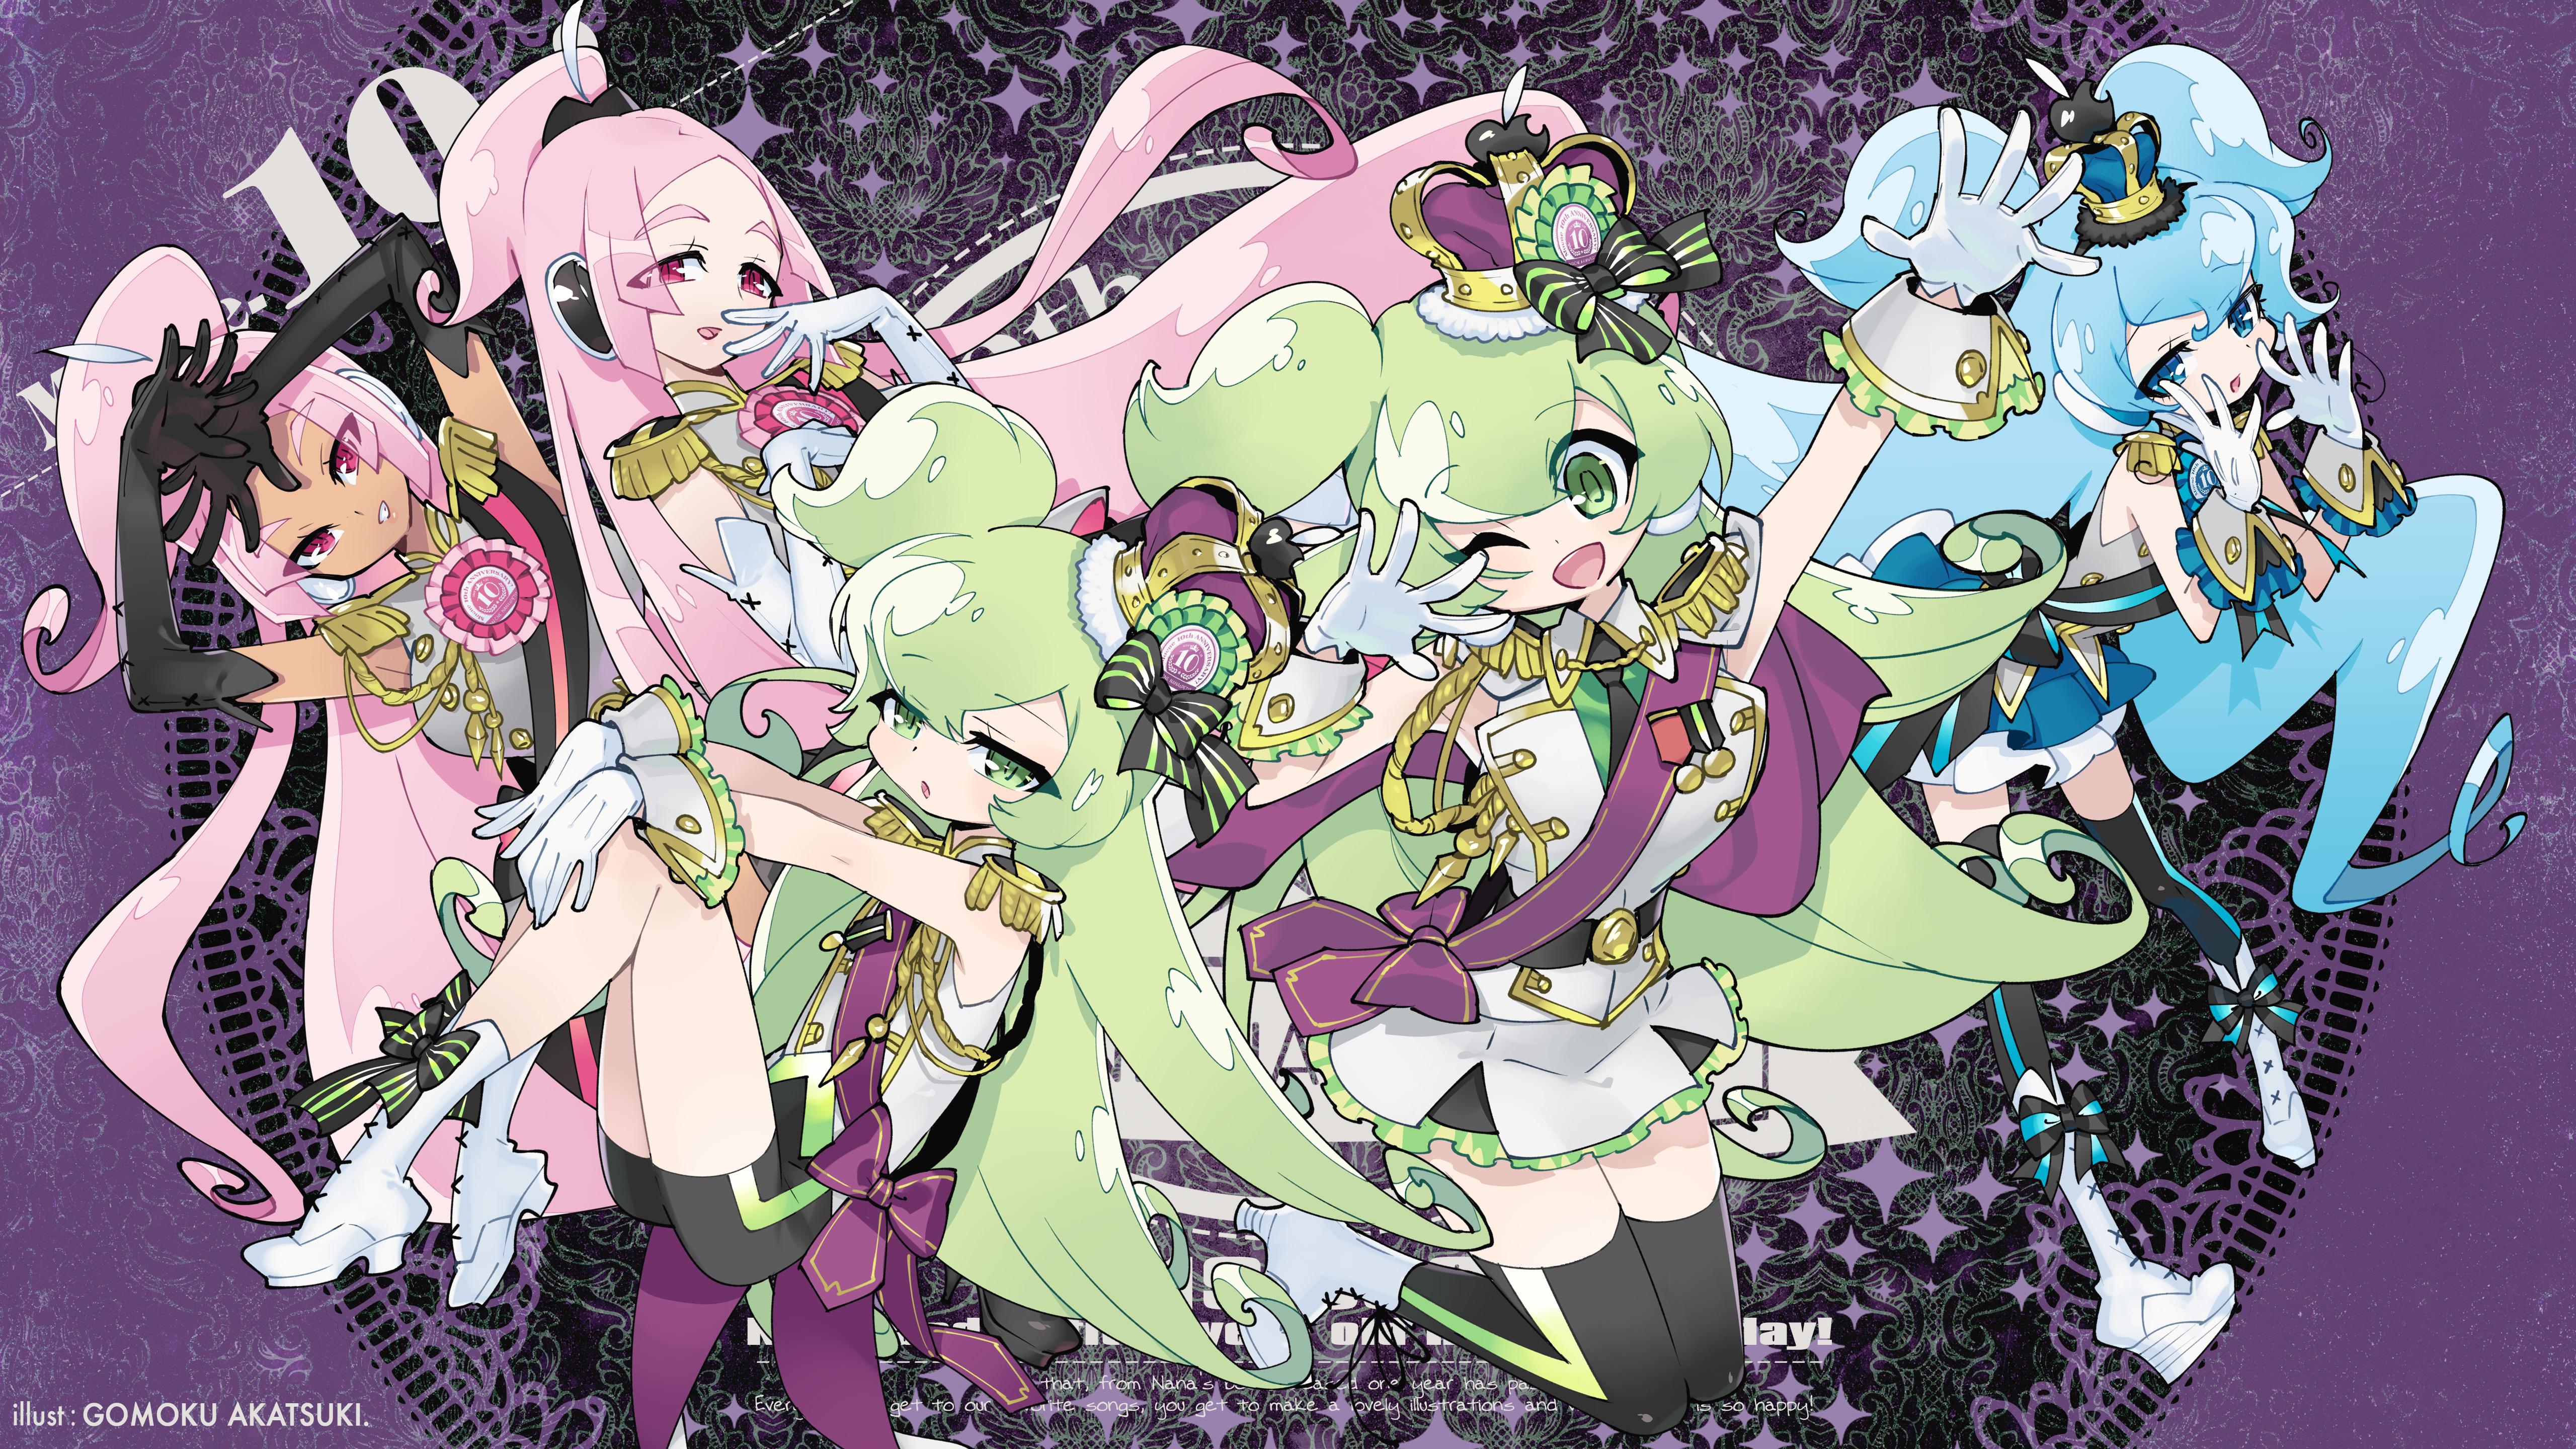 Wallpaper : Macloid, Vocaloid 5120x2880 - Kandii - 1605525